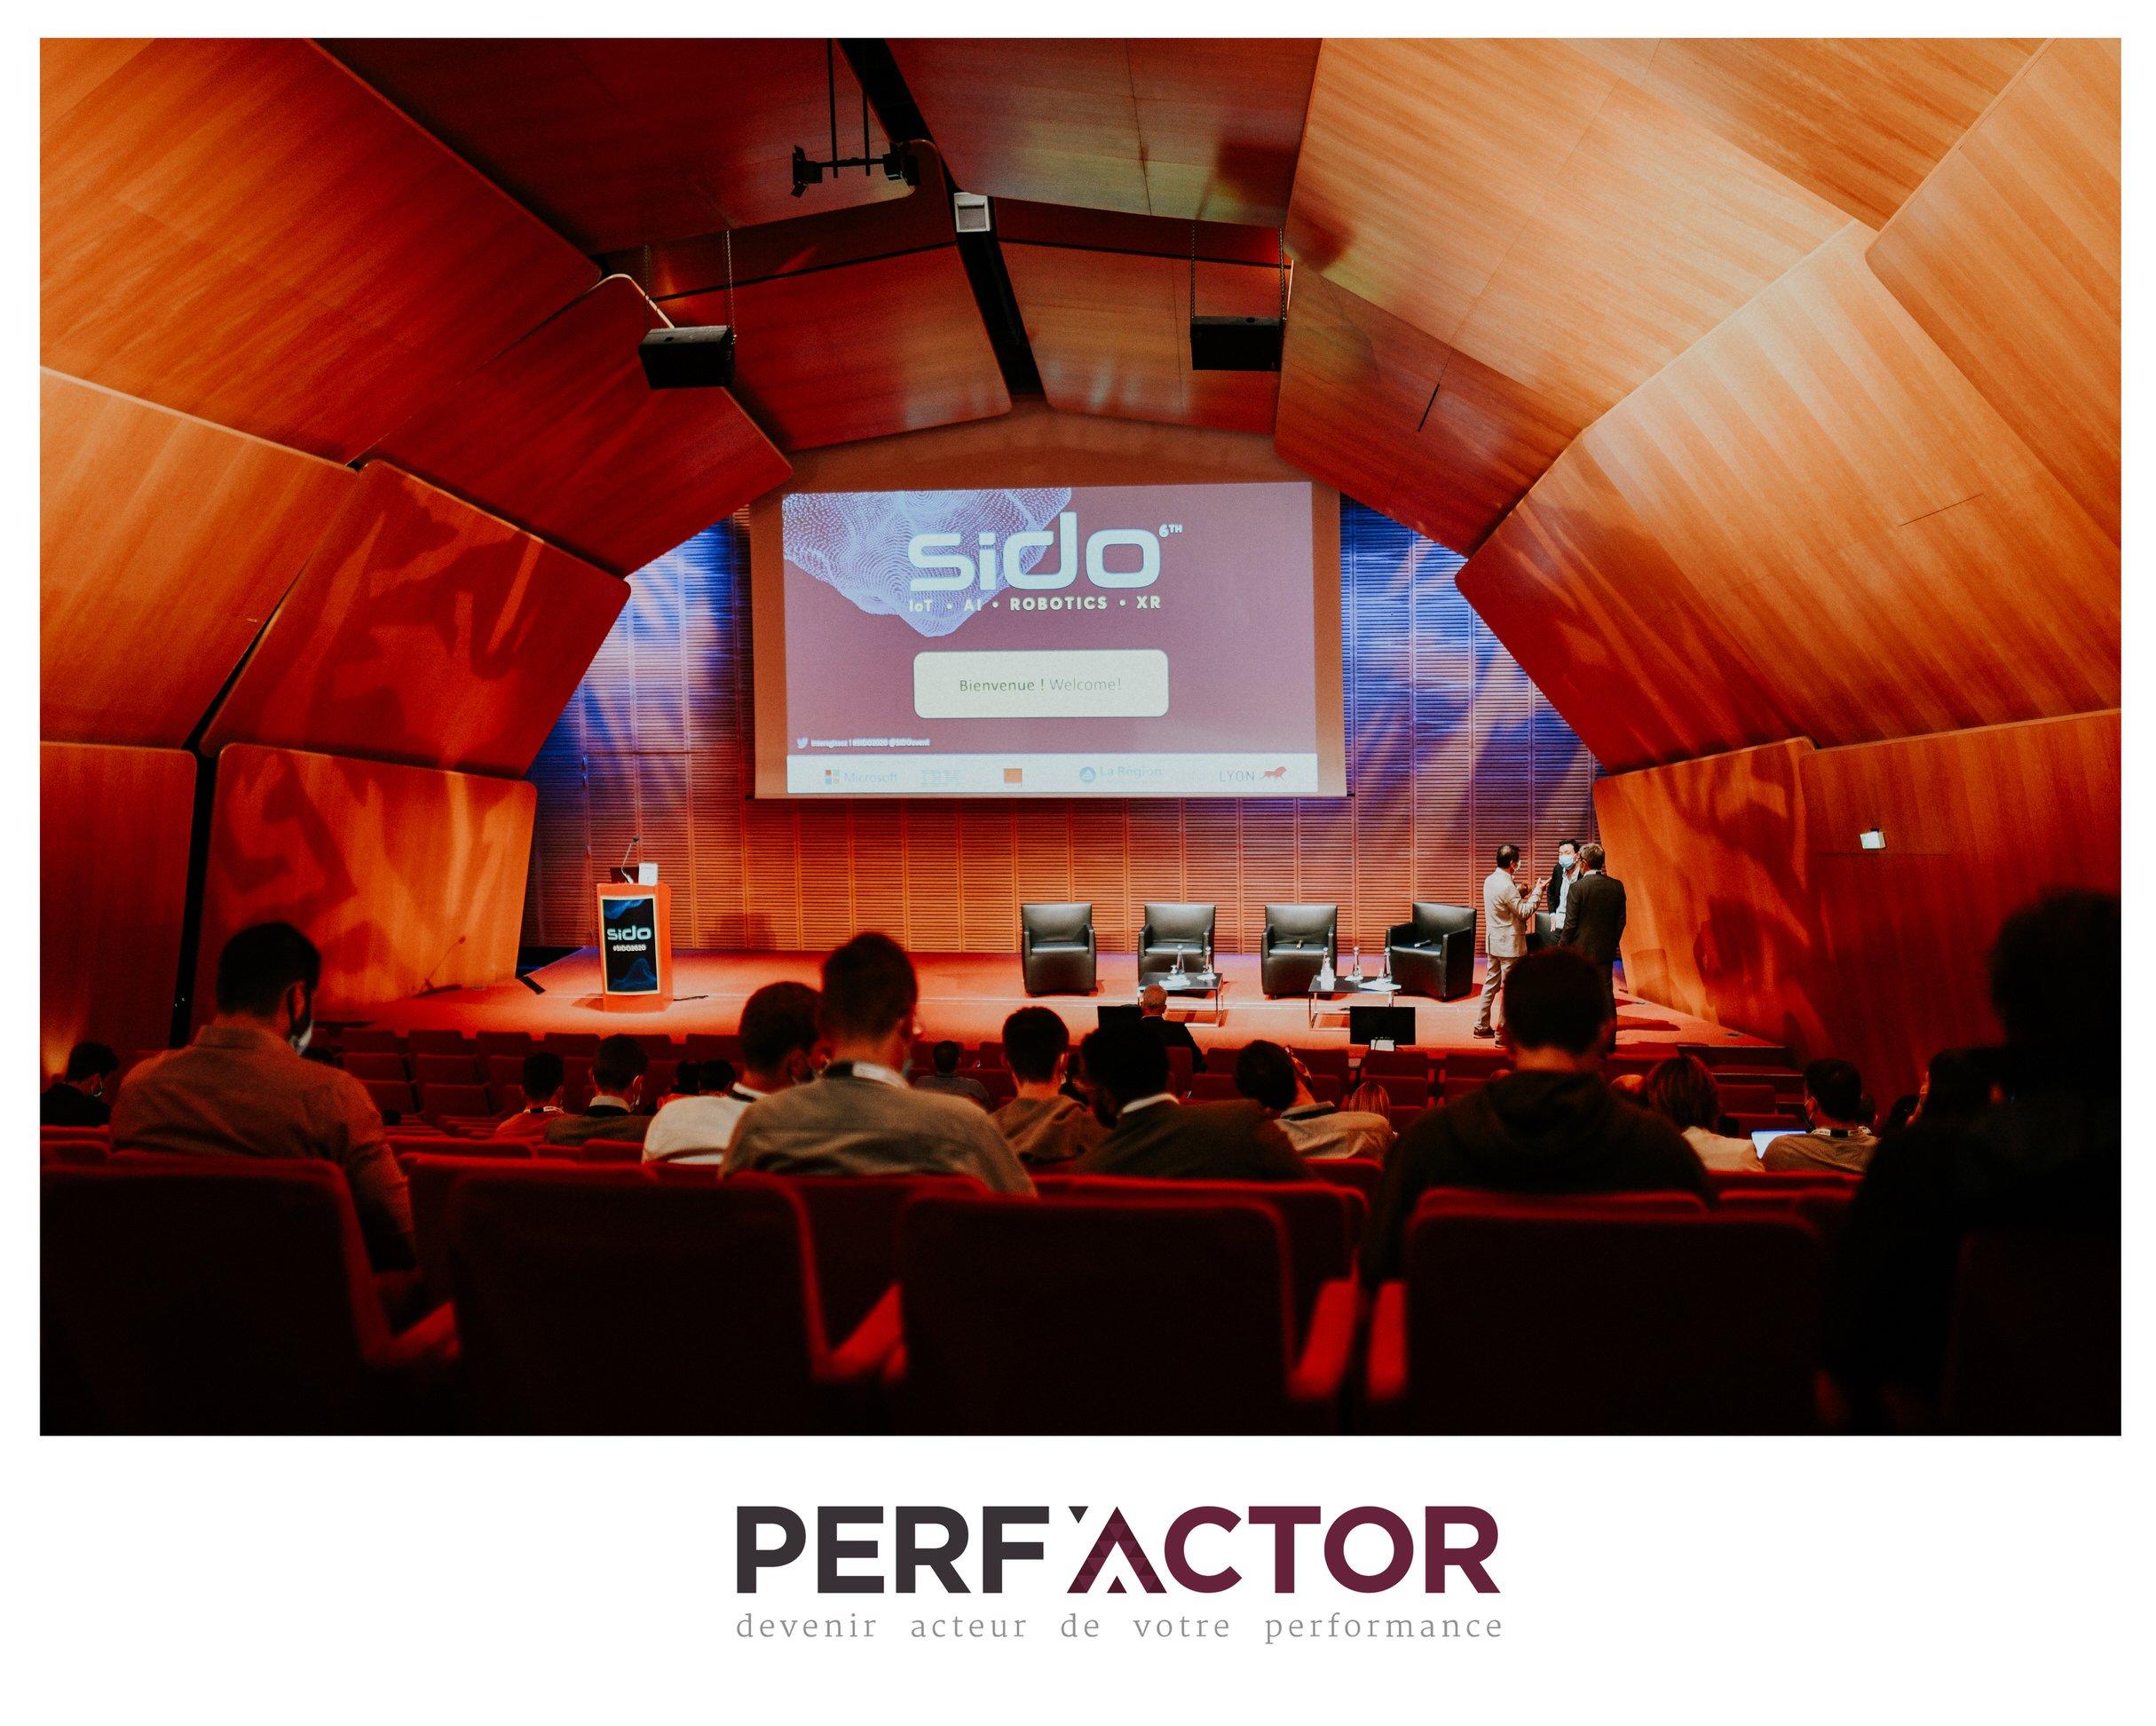 Au salon SIDO 2020, on y explique comment sécuriser l'ensemble de la chaine industrielle et développer des projets industrie 4.0 en prenant en compte la dimension cybersécurité.